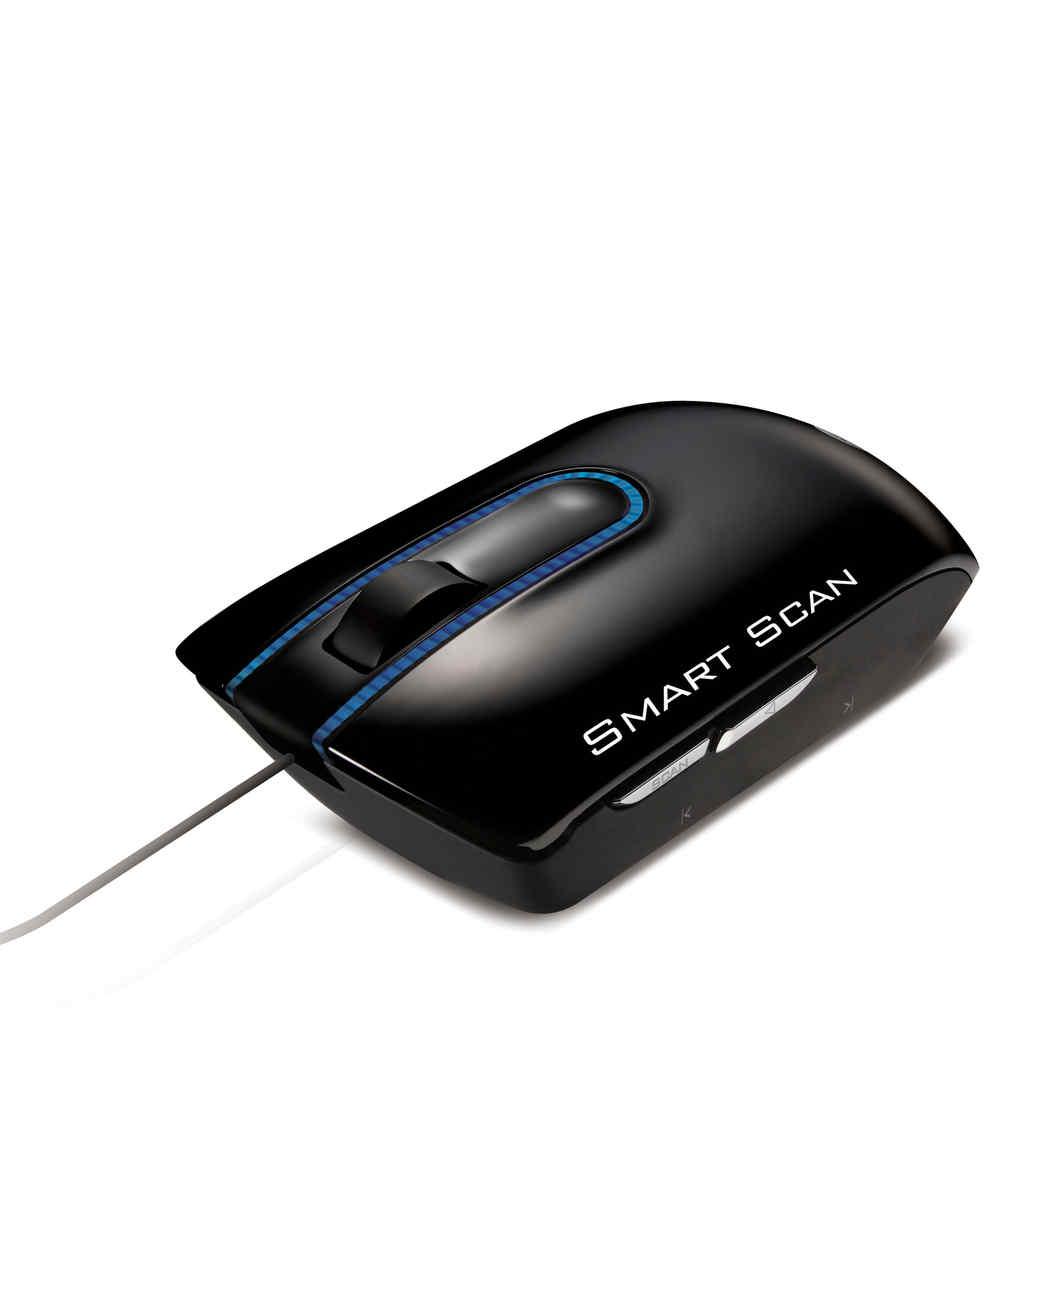 lg-mouse-scanner.jpg